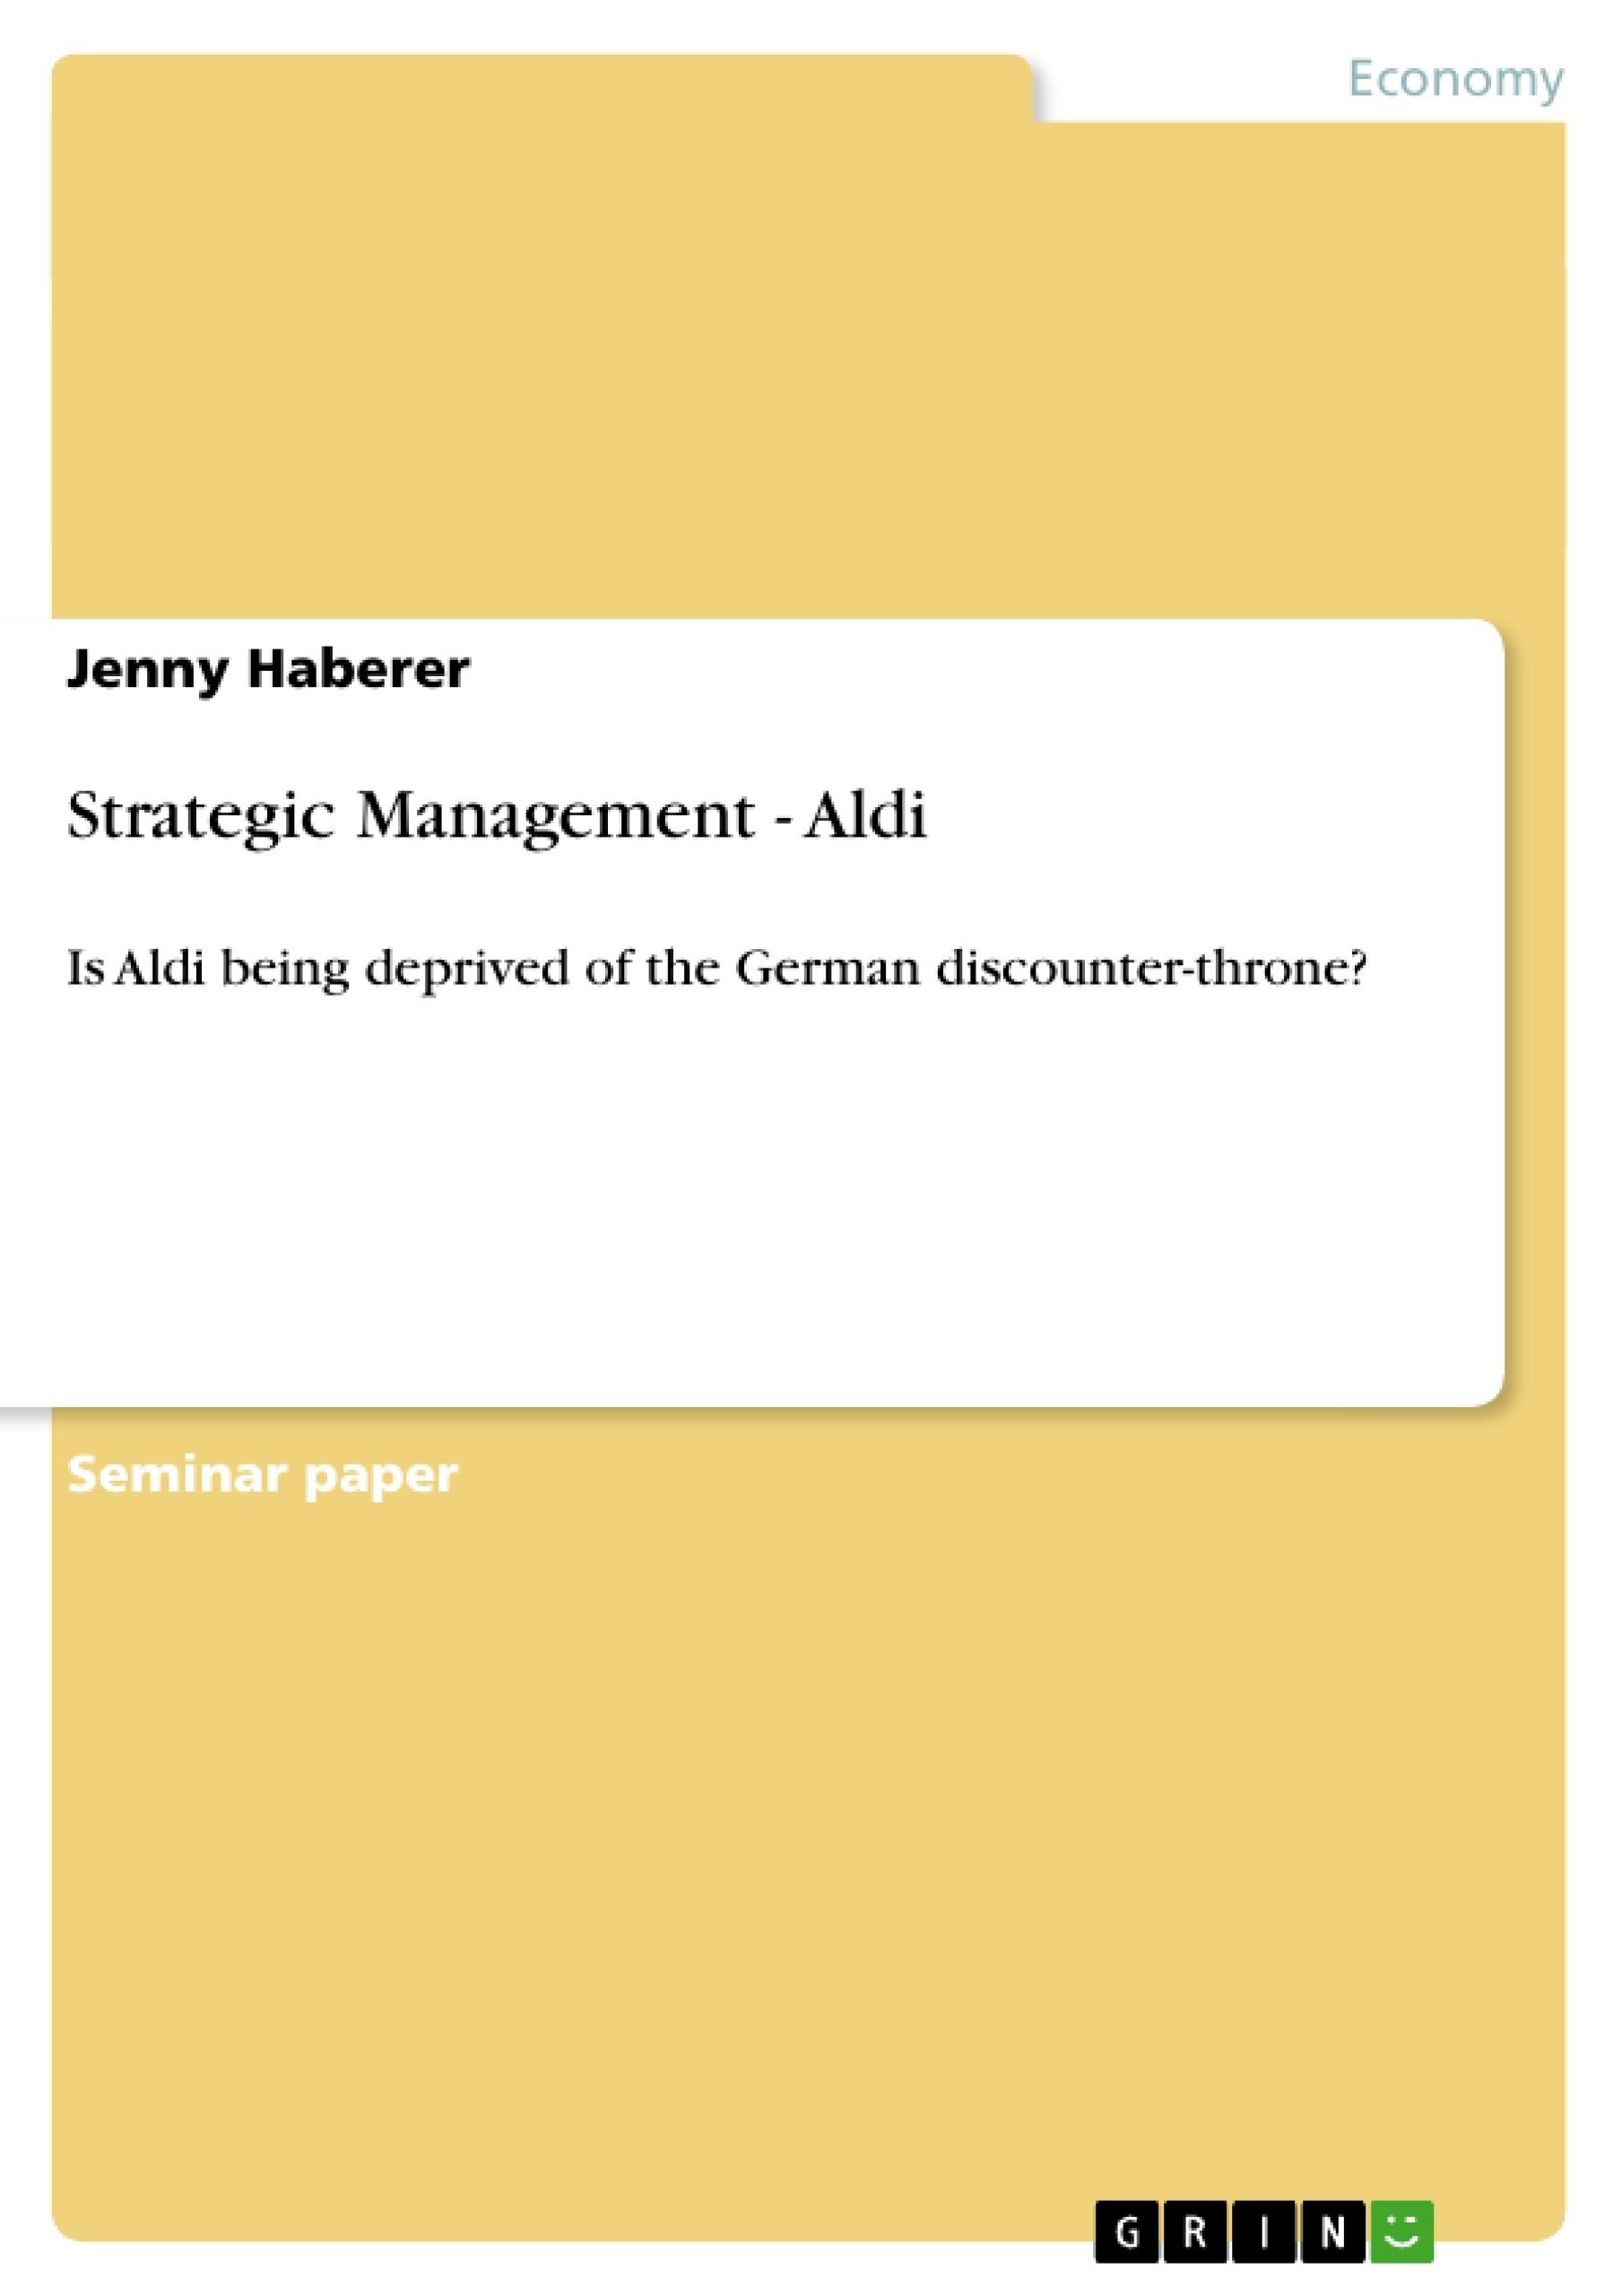 Title: Strategic Management - Aldi